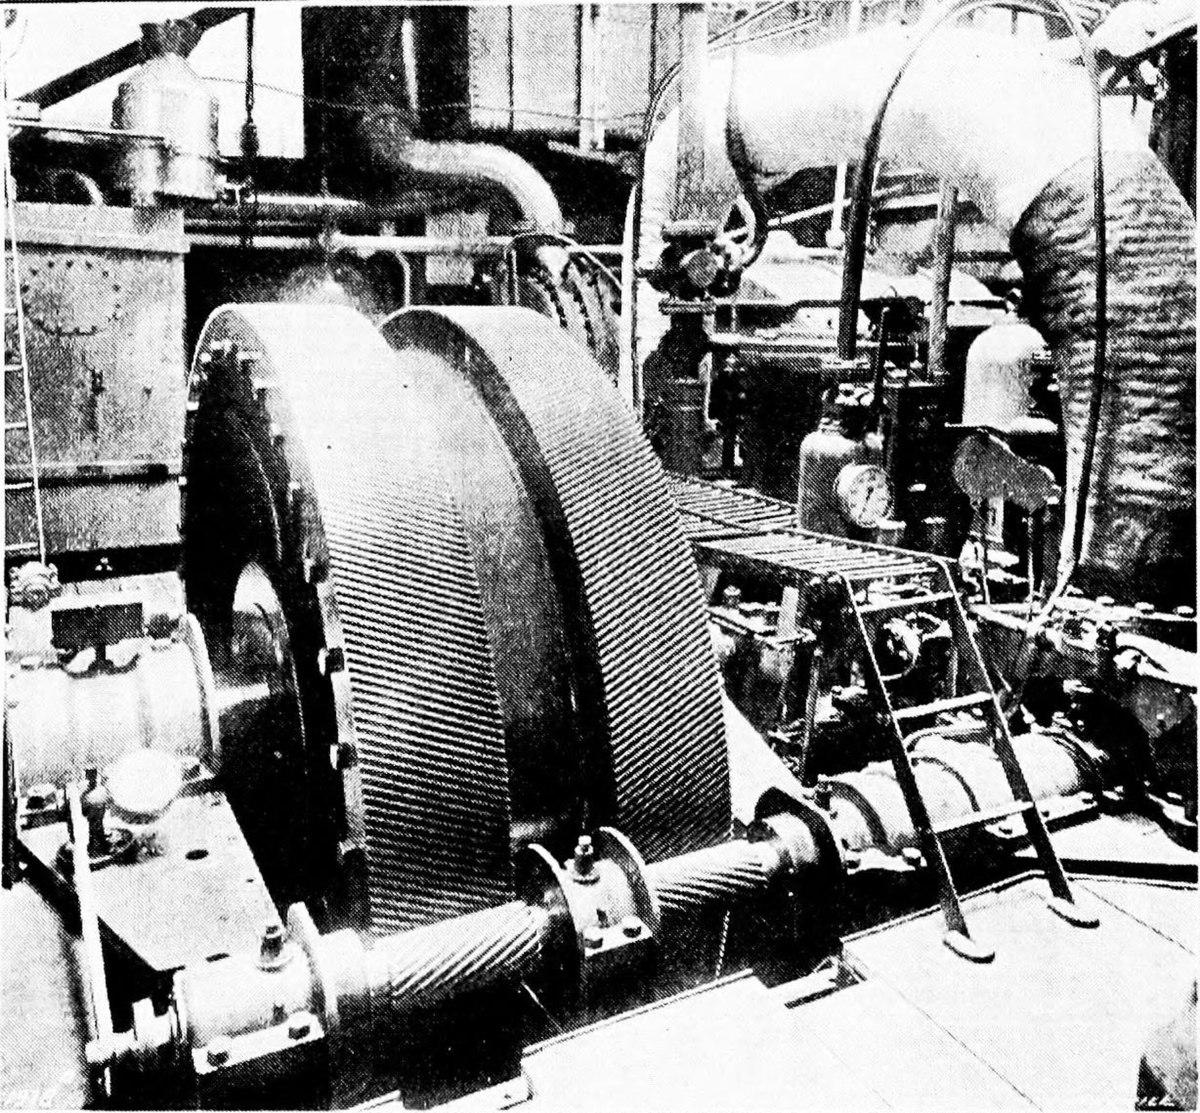 необычное изобретение паровой турбины картинки фото опоры